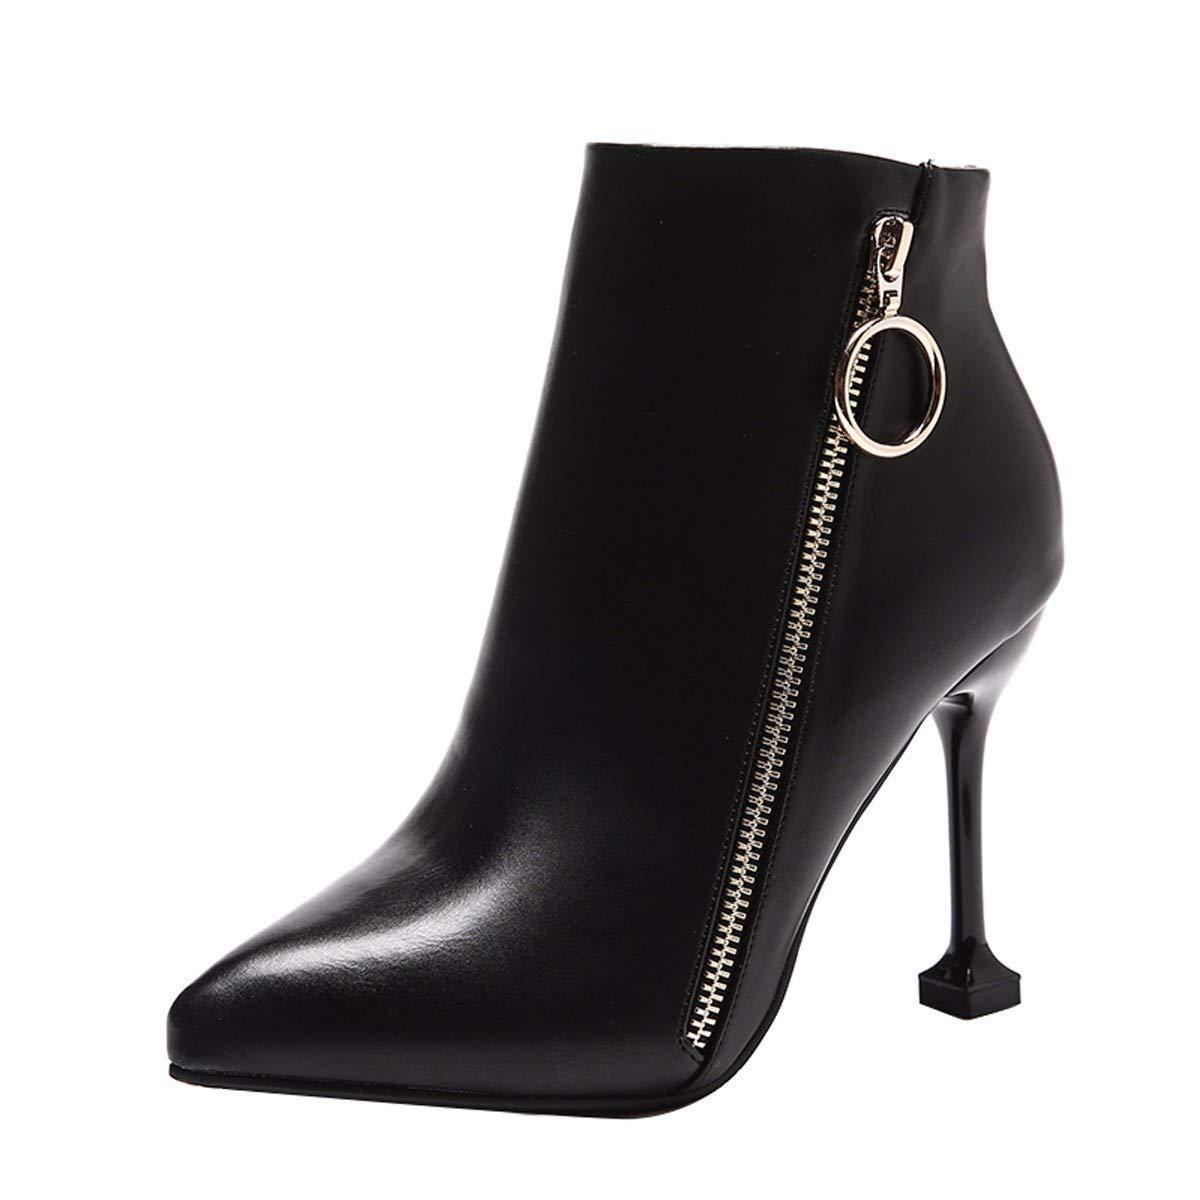 noir Thirty-seven HBDLH Chaussures pour Femmes Fermeture des Bottes De 10 Cm avec des Têtes Pointues Martin Bottes Joker Bottes Nu Bottes Mode Sex Appeal.